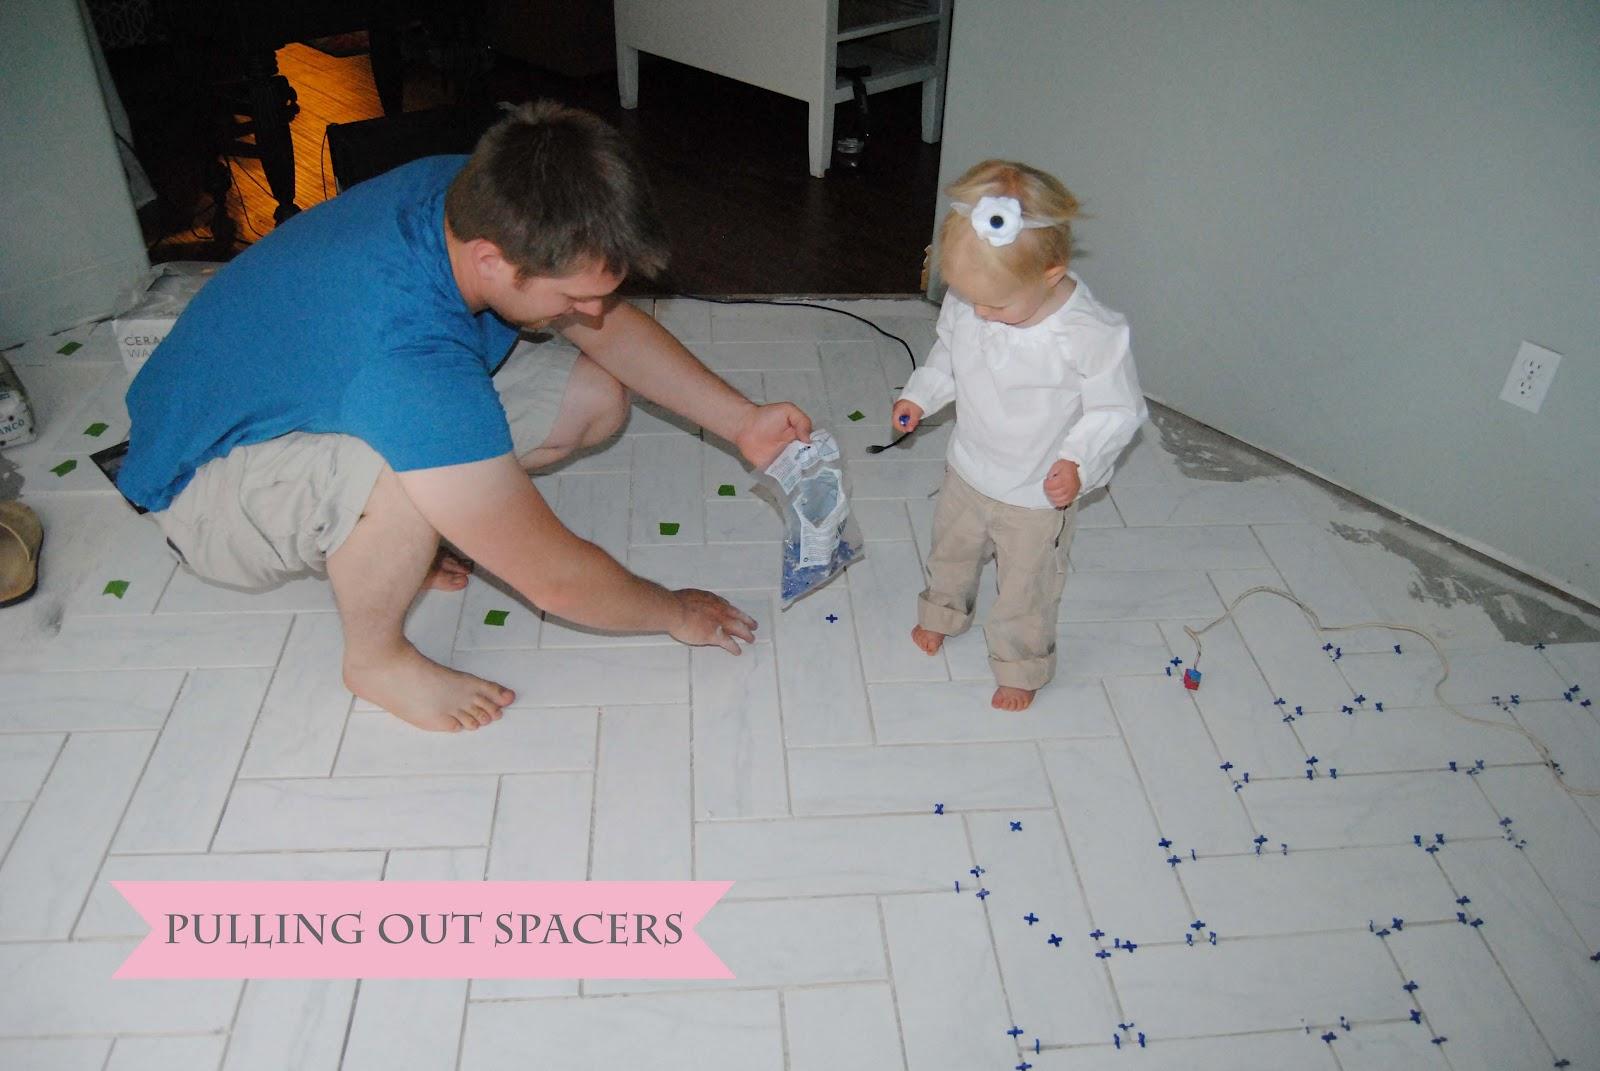 Visual eye candy how to tile a herringbone floor part i - How To Tile A Herringbone Floor Part Ii